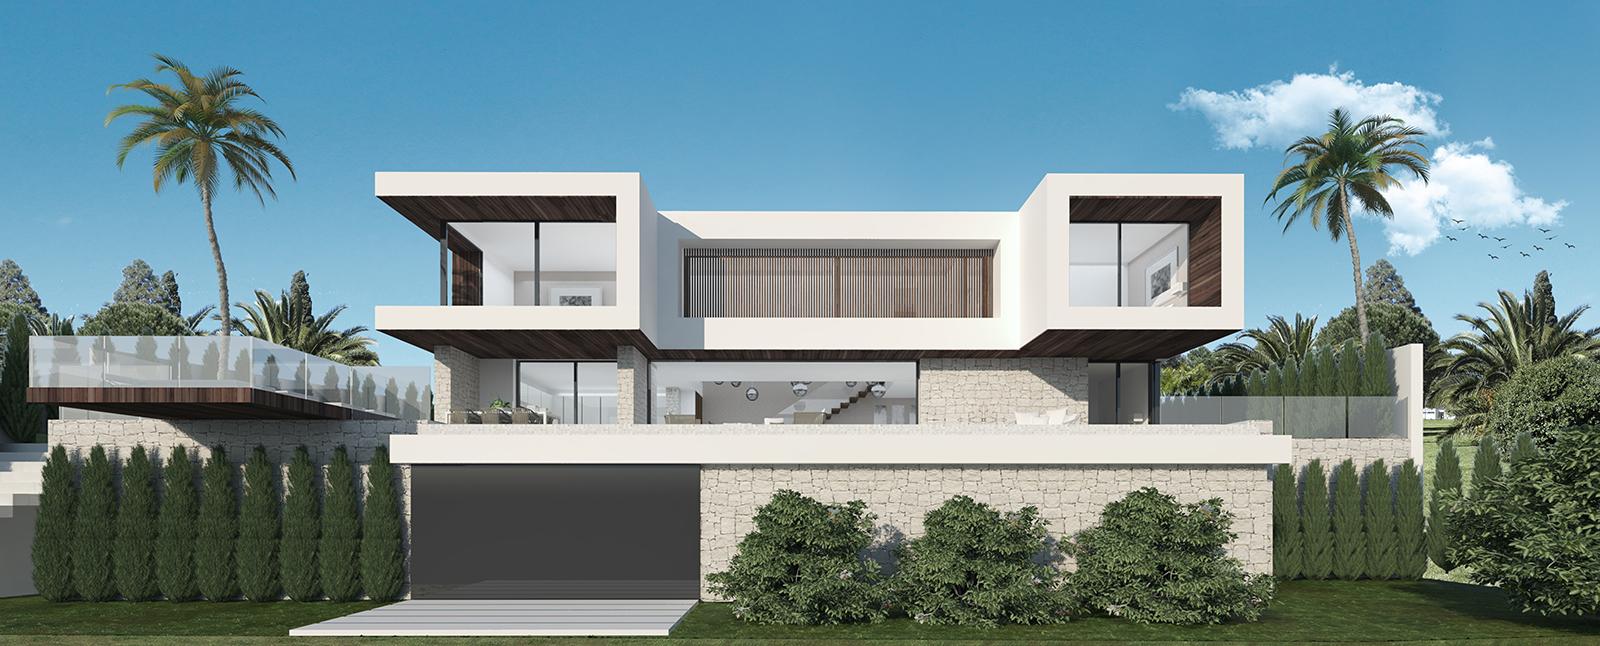 Exclusive plot with villa design in Lomas de Mijas